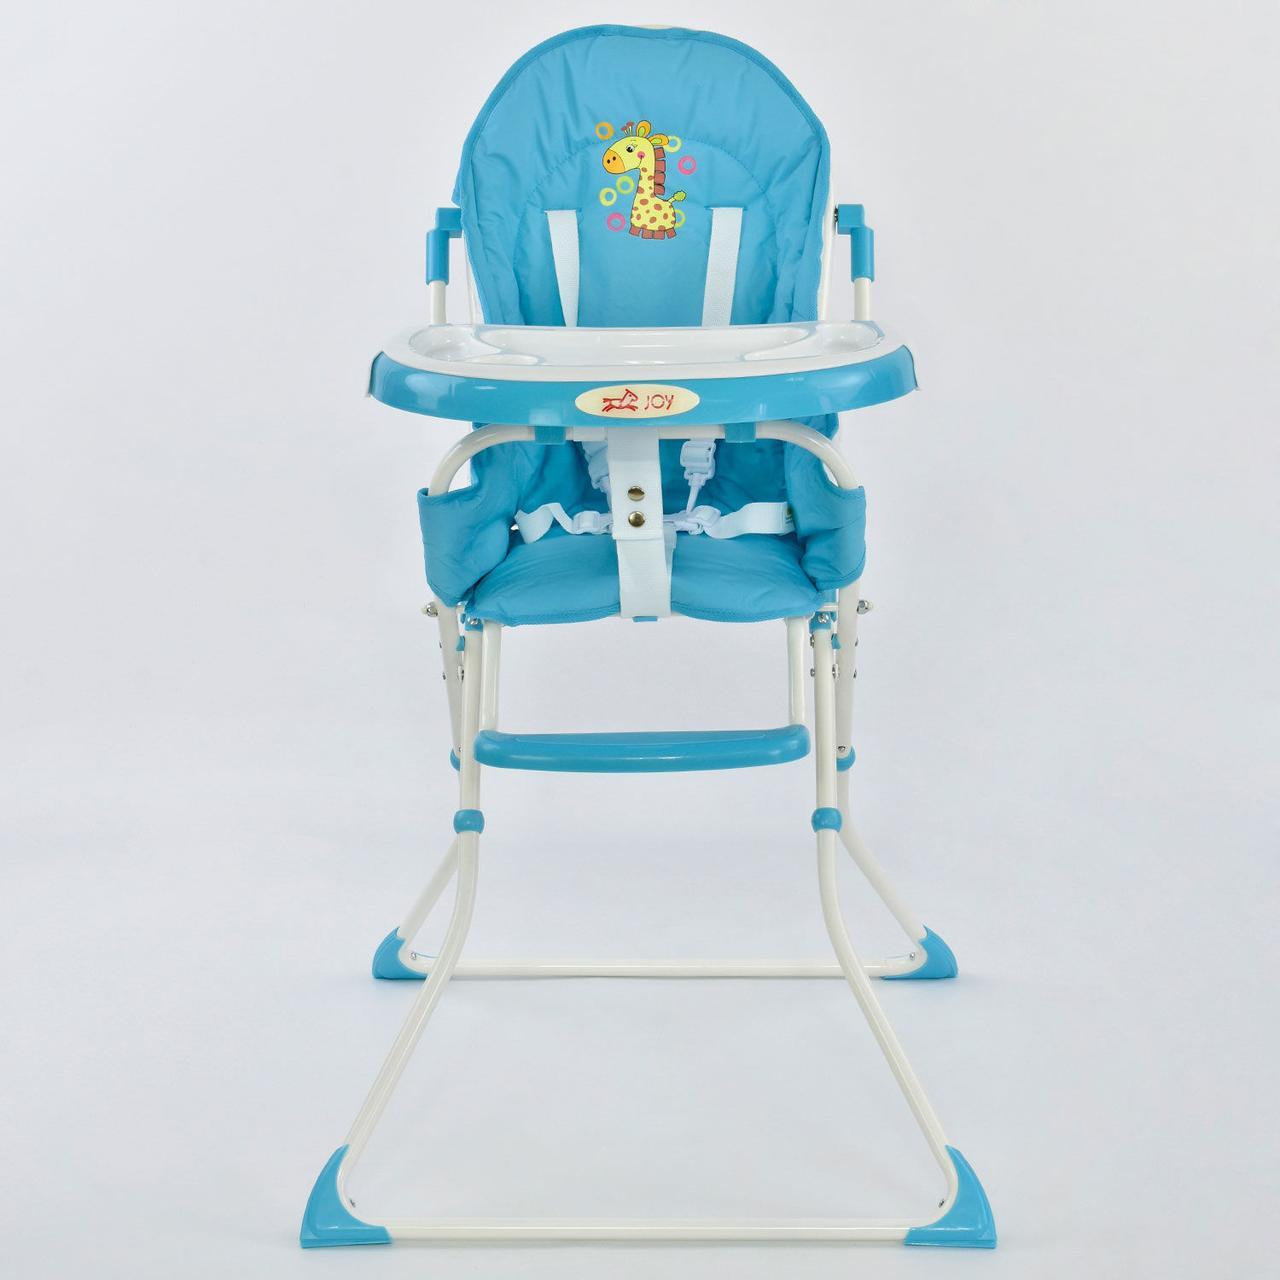 Стільчик для годування JOY 8857 блакитний